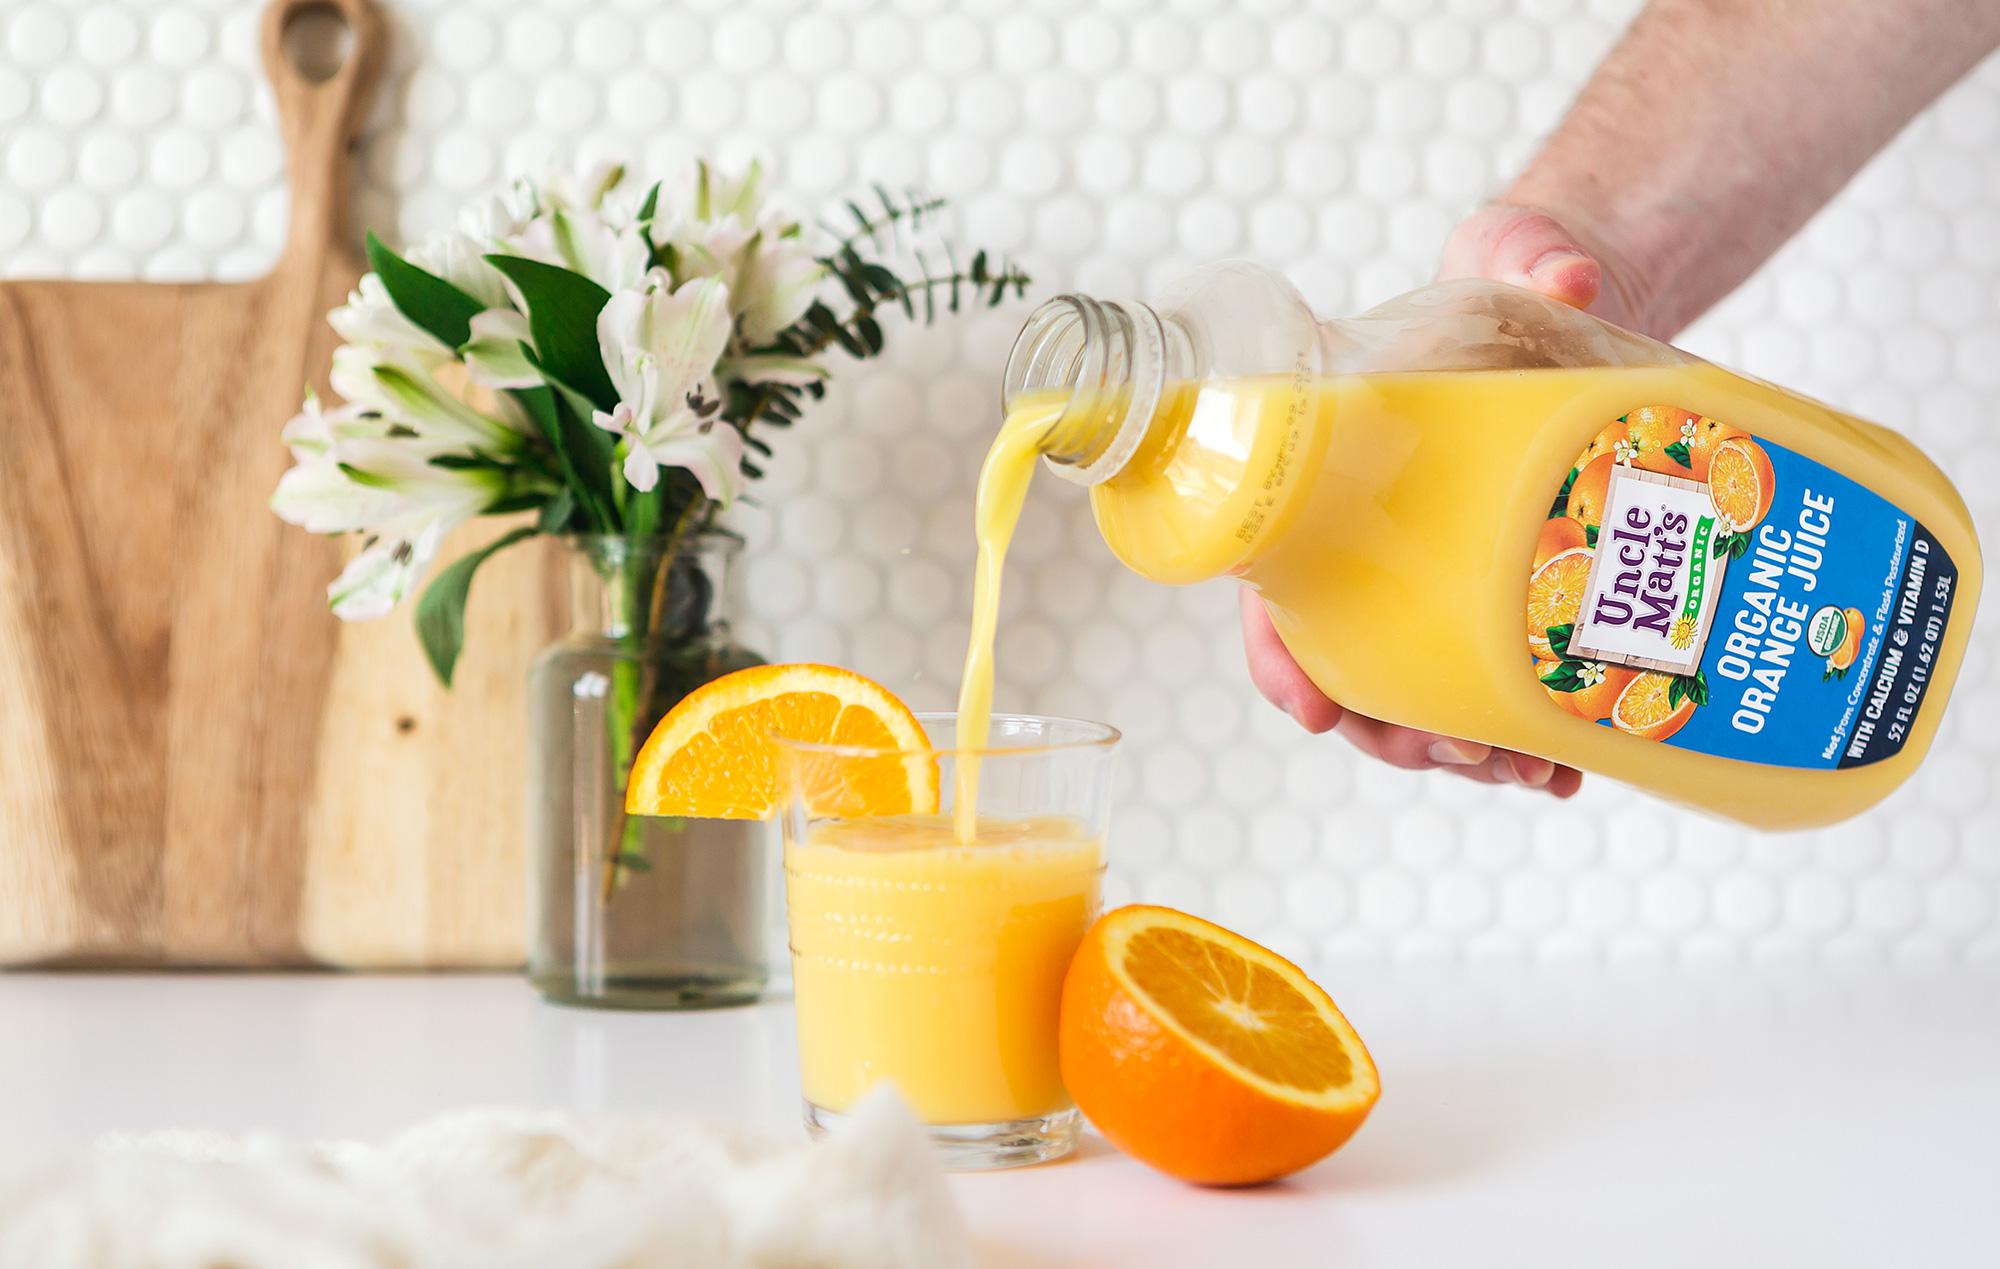 Uncle Matt's Organic Calcium Orange Juice